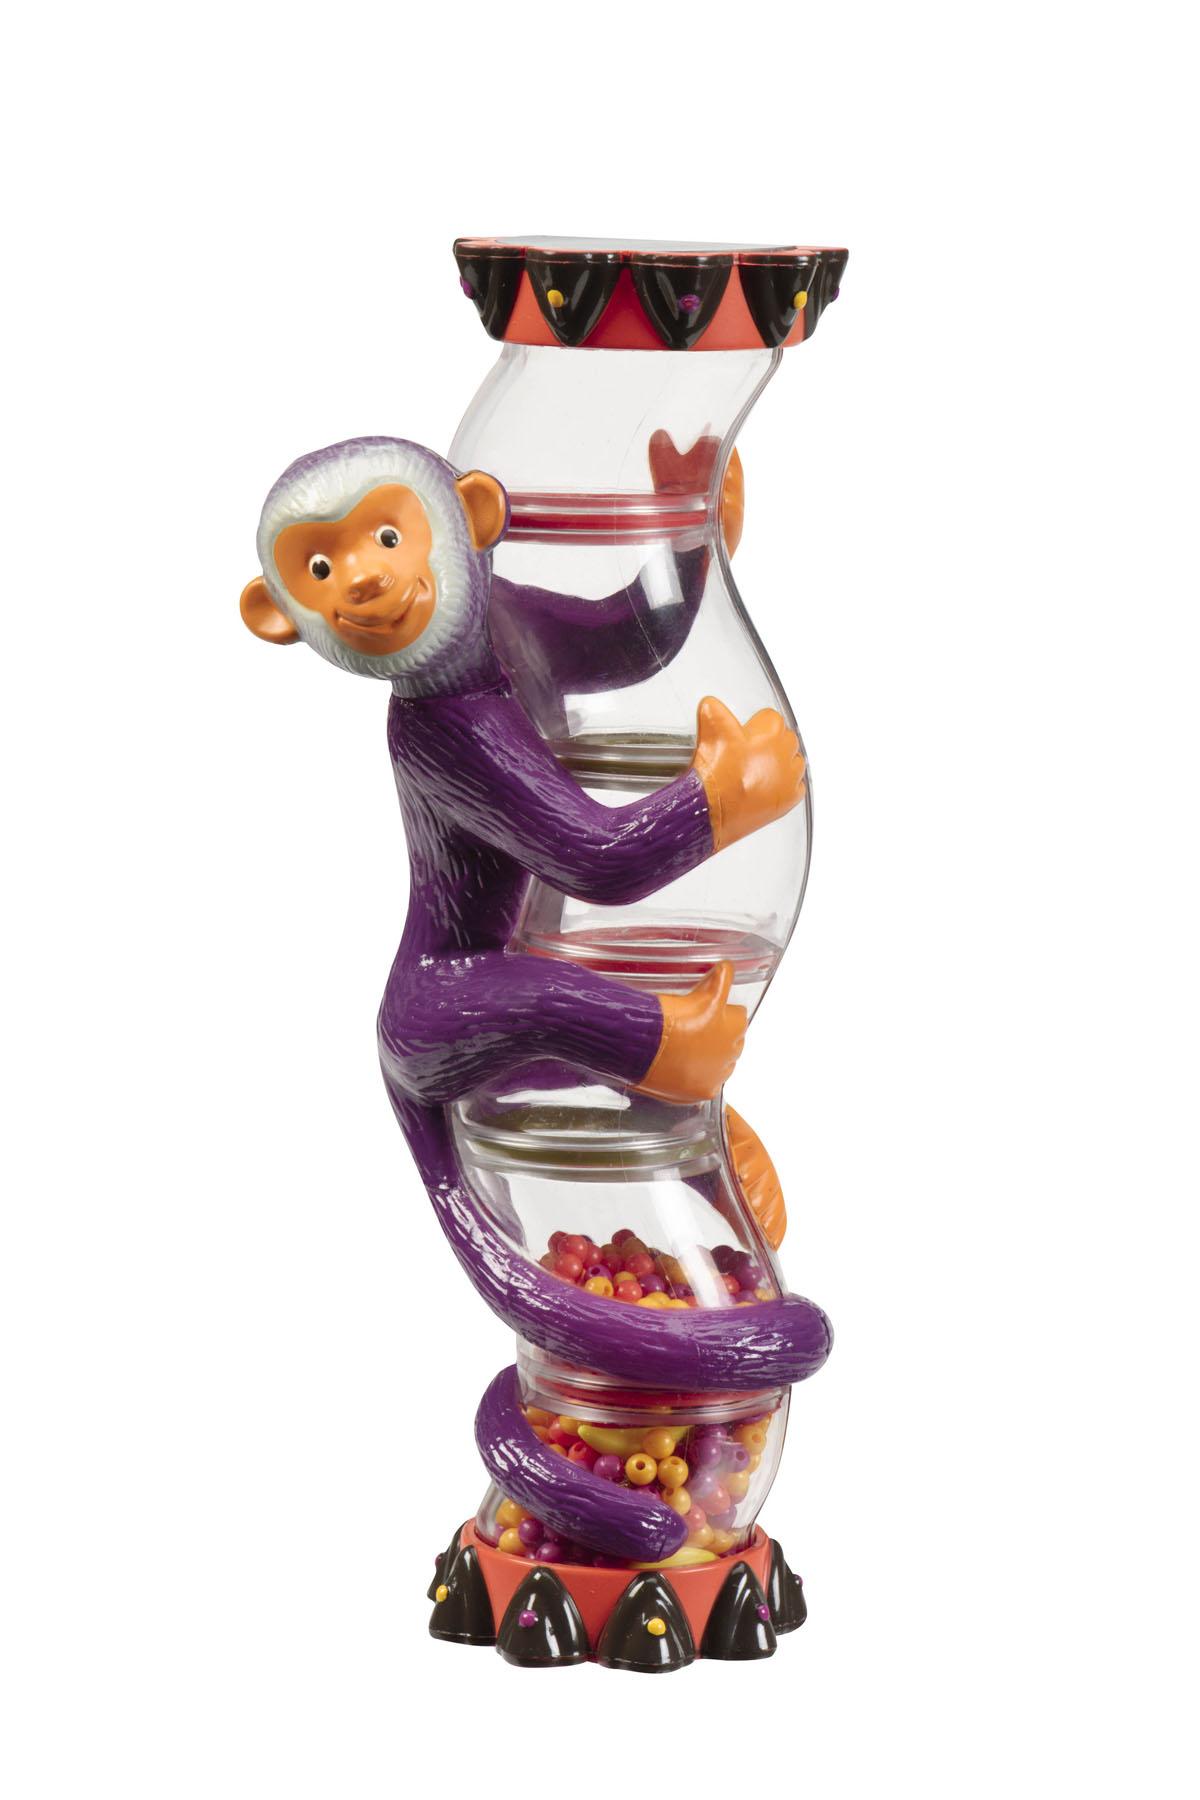 Battat Погремушка Обезьянка68664Оригинальная погремушка Обезьянка, выполненная в виде веселой обезьянки, непременно, вызовет улыбку у вашего крохи. Погремушка имеет удобную анатомическую форму. Внутри игрушки расположено множество бусинок и бананчиков, весело прыгающих при потряхивании игрушки. Погремушка Обезьянка способствует развитию тактильных ощущений, мелкой моторики рук малыша, формирует цветовое и звуковое восприятие.